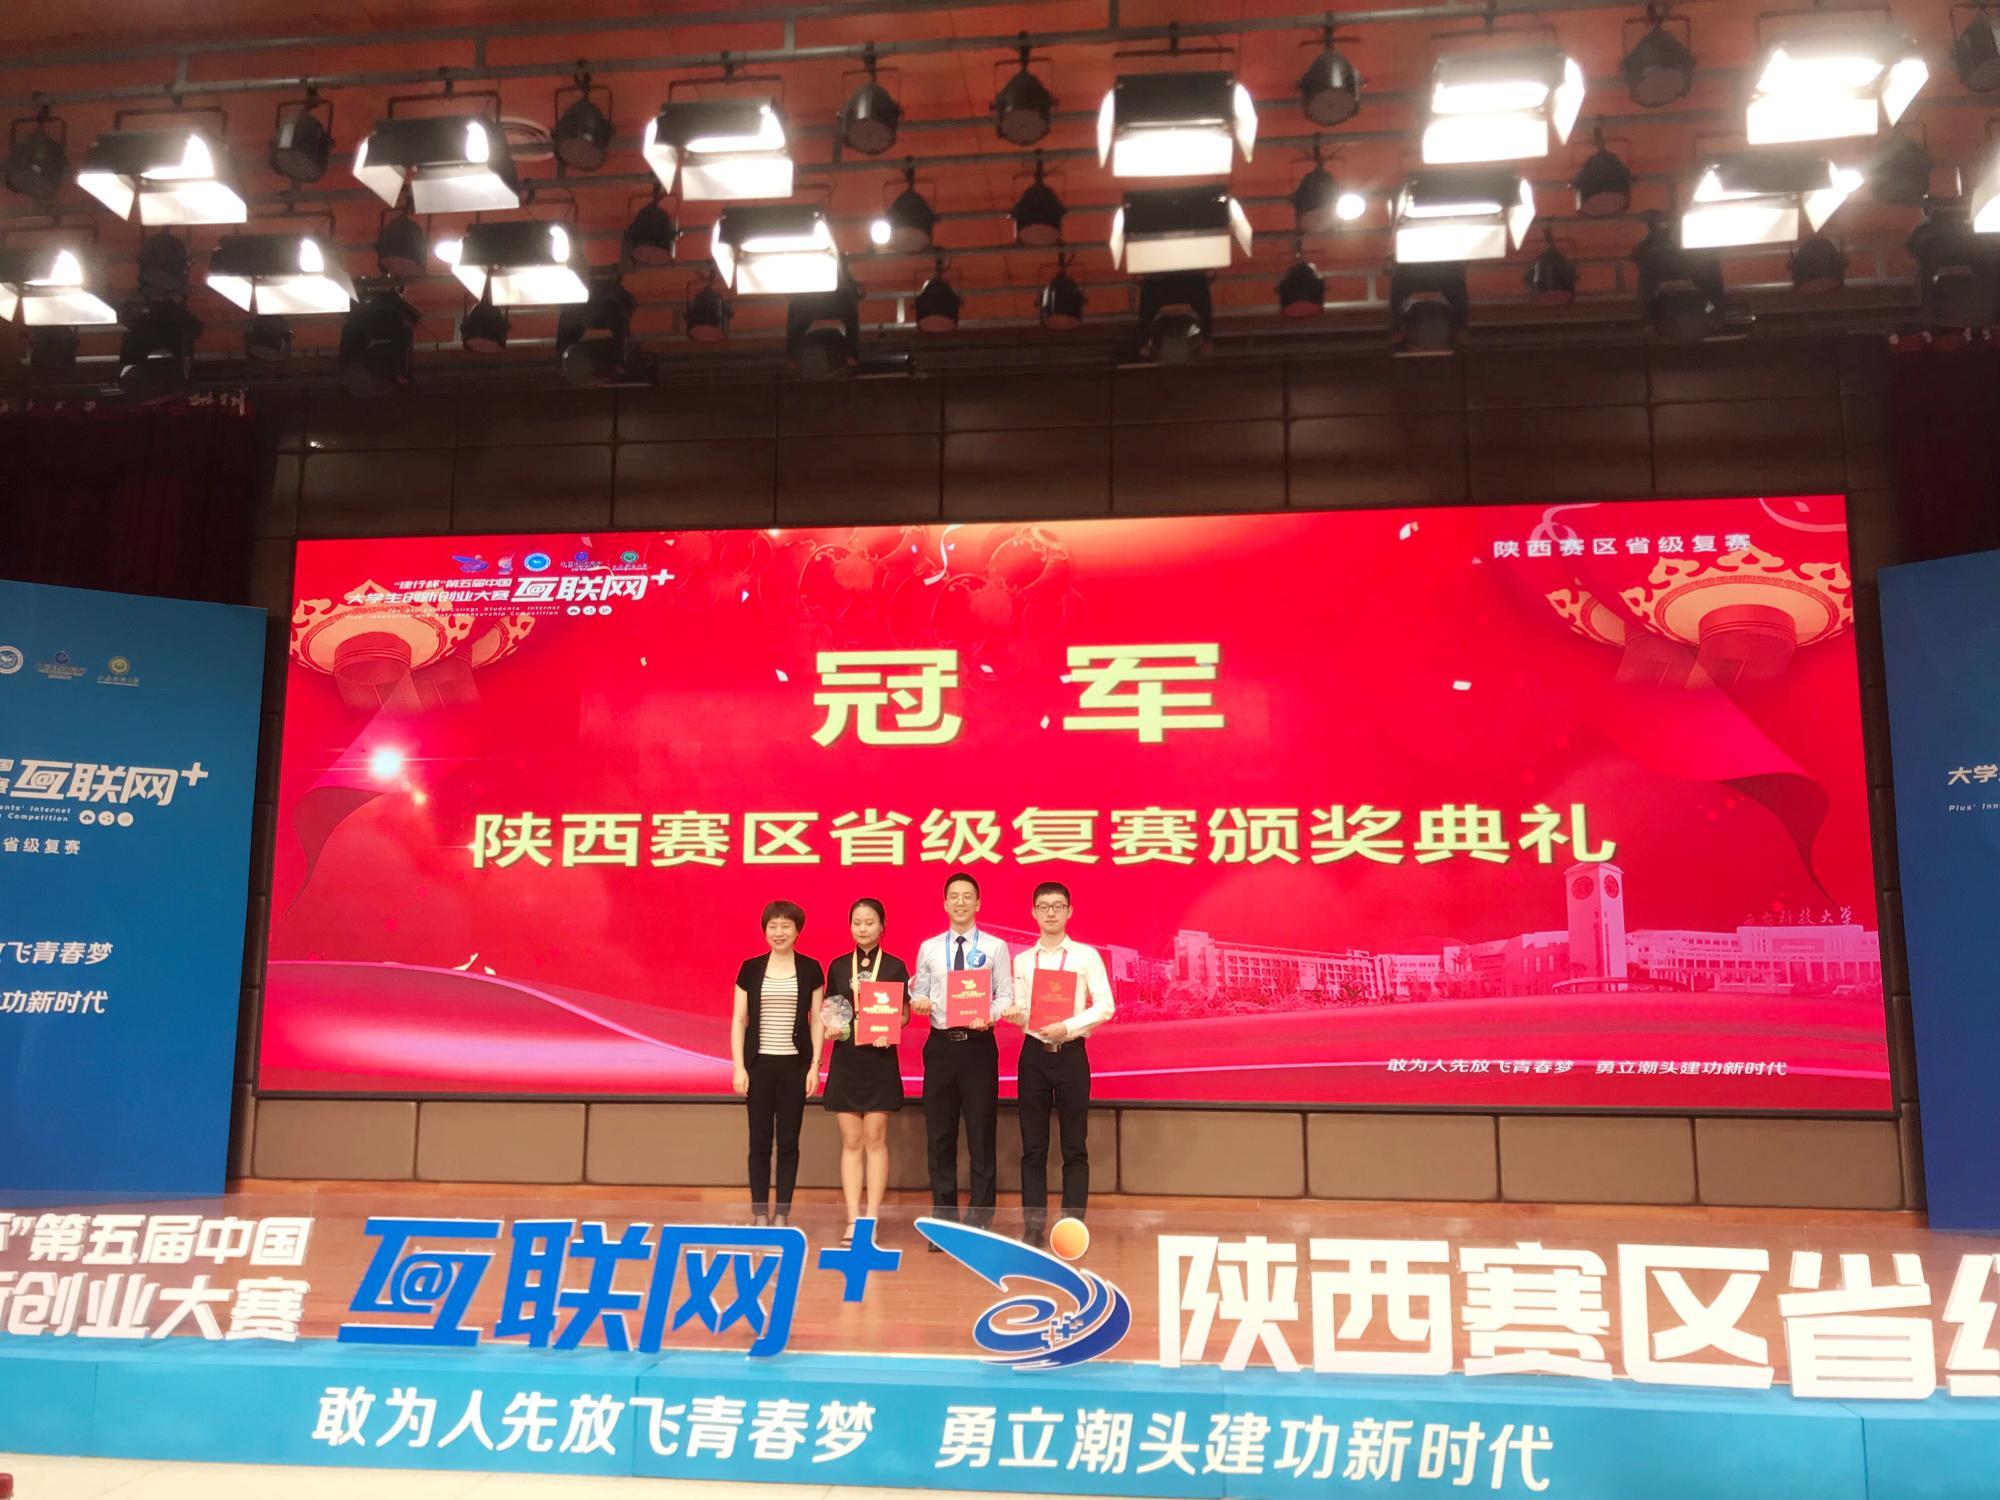 互联网+省赛 雅芯天图:西电基因注入中国航天